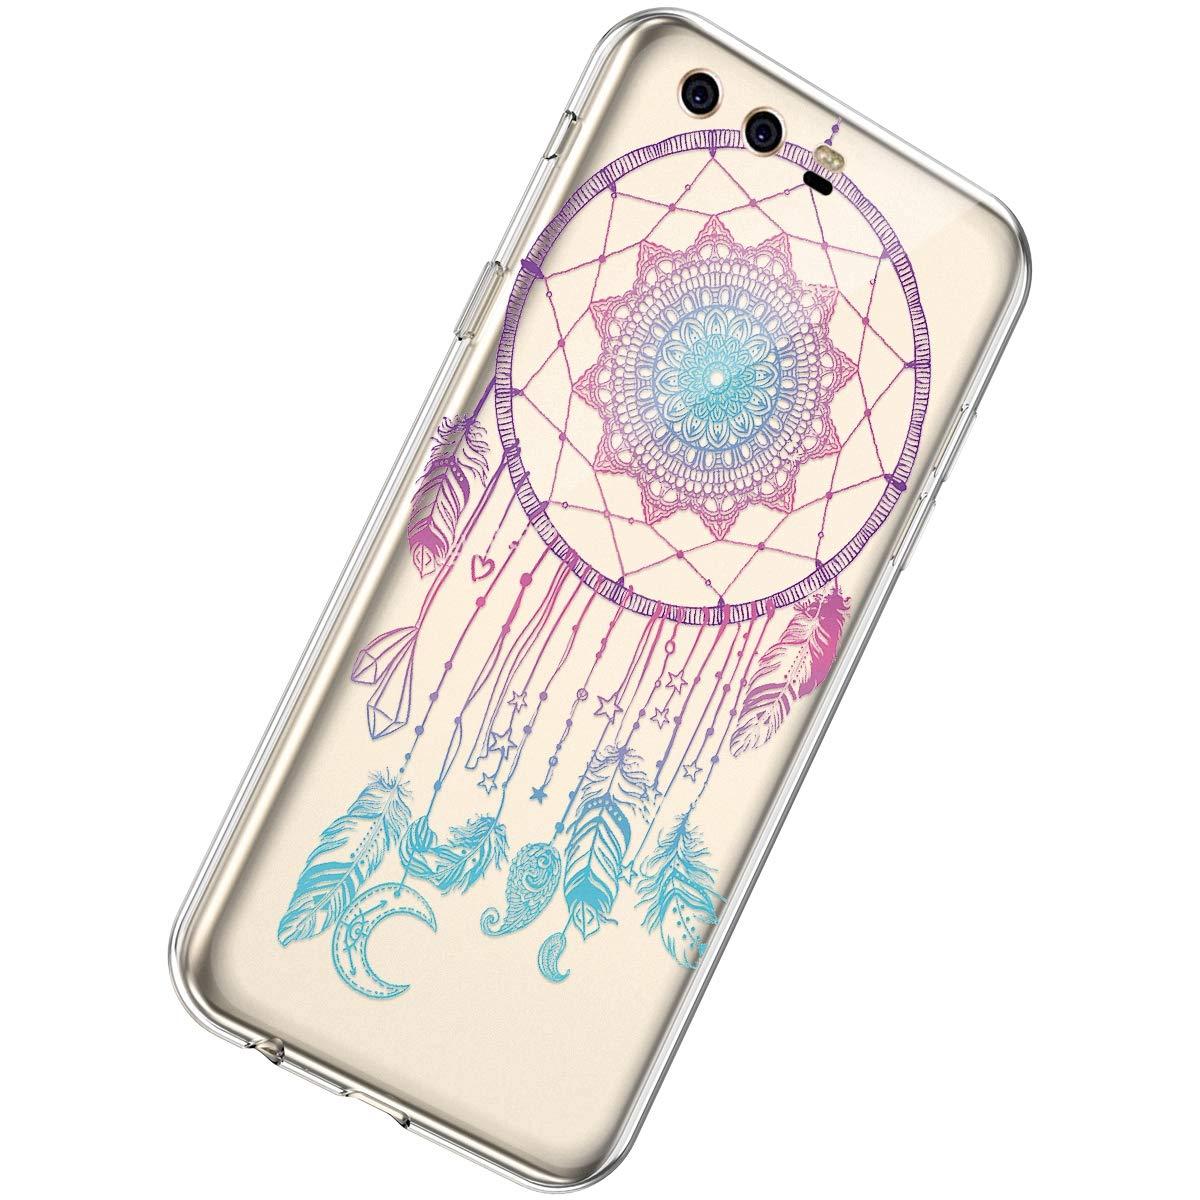 Herbests Compatible avec Huawei P10 Coque Transparent avec Motif de Mandala Crystal Clear Etui Housse de Protection TPU Silicone Bumper Case Cover,Bleu Totem Fleur